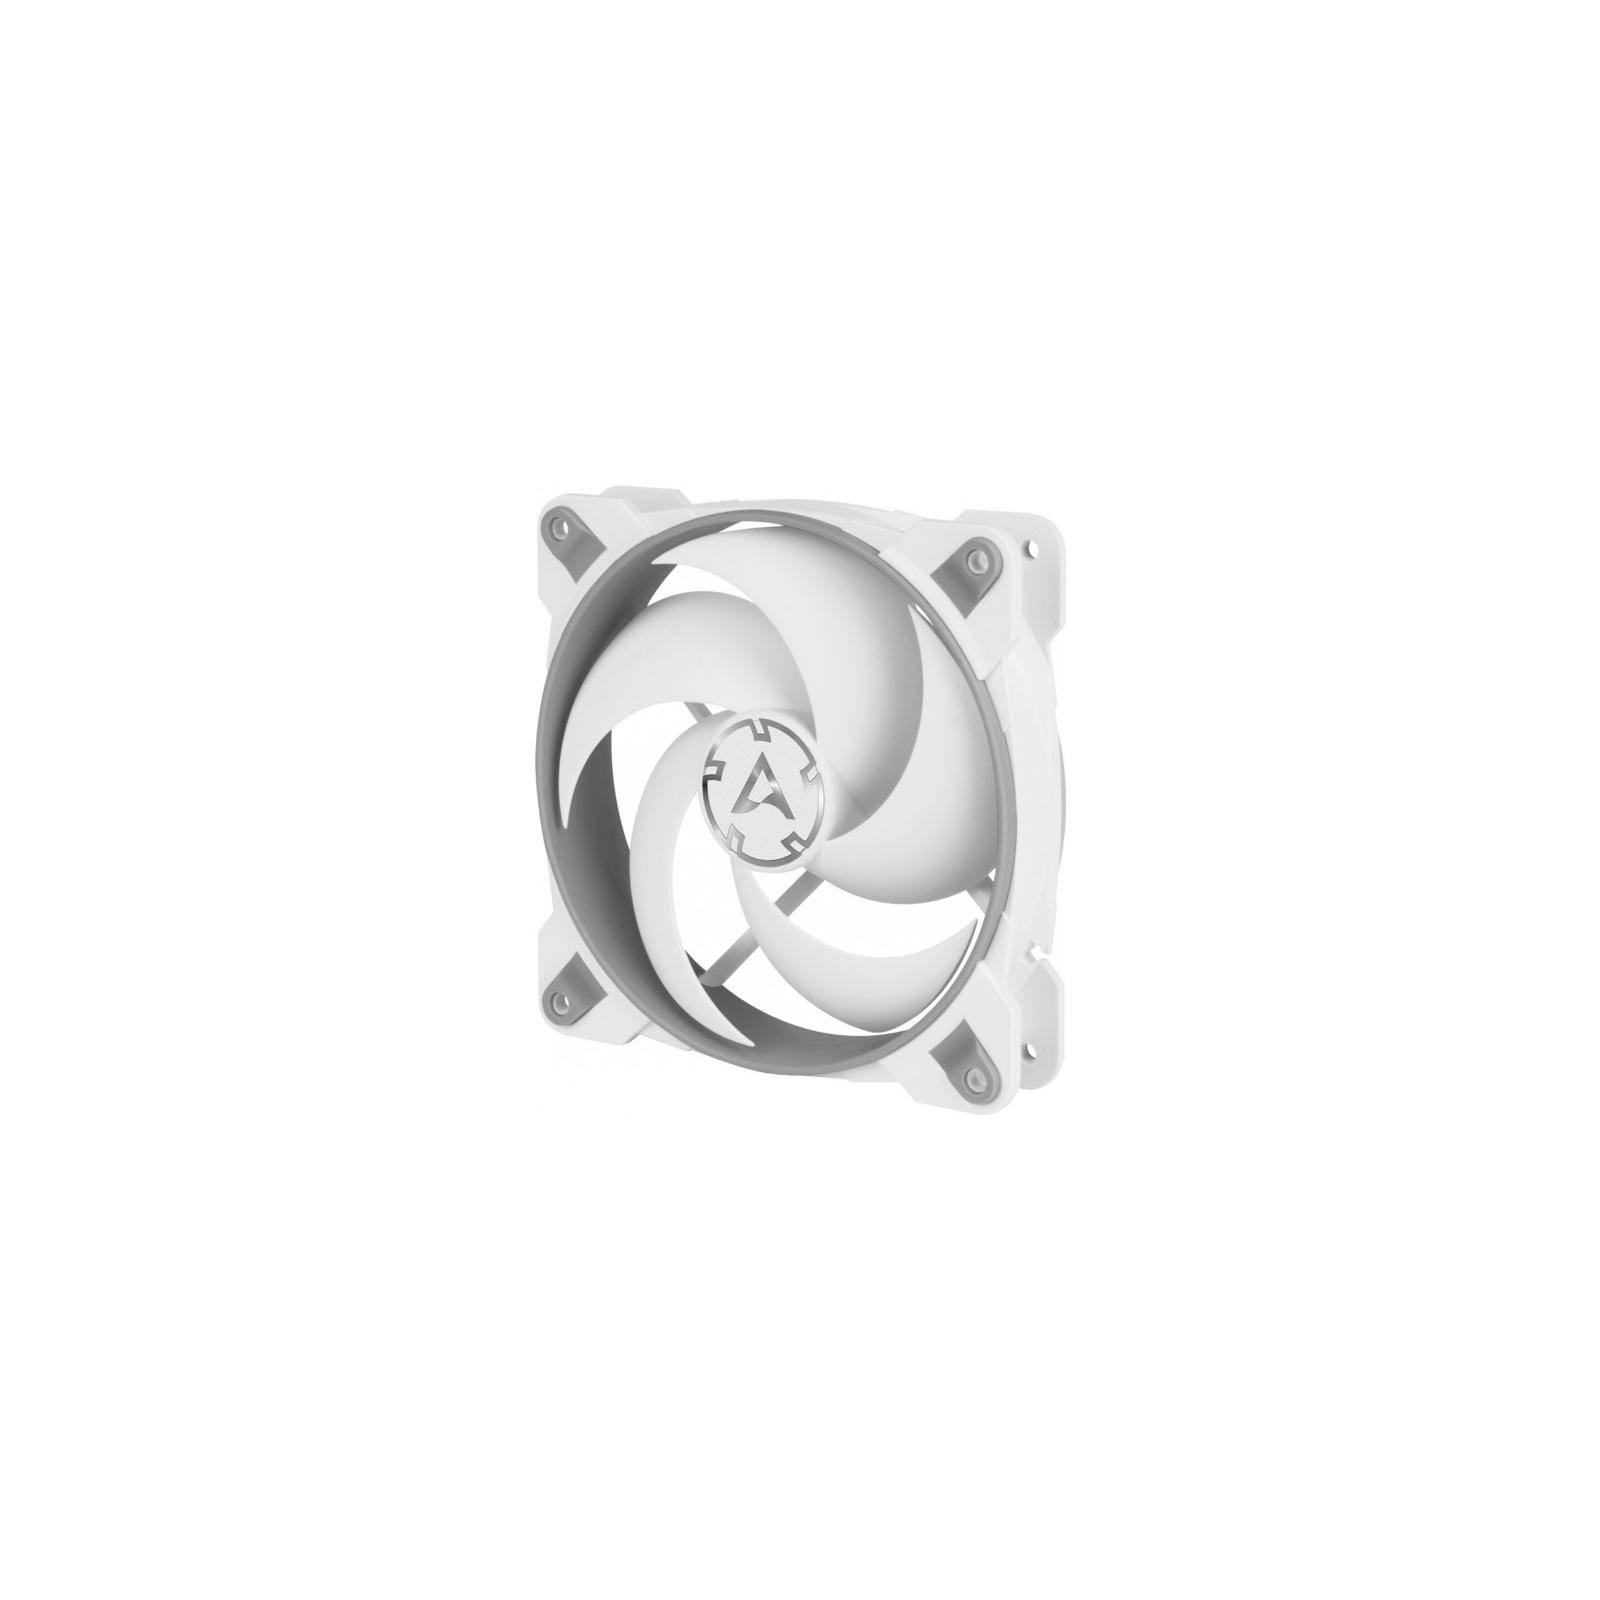 Кулер для корпуса Arctic BioniX P120 White (ACFAN00116A) изображение 3